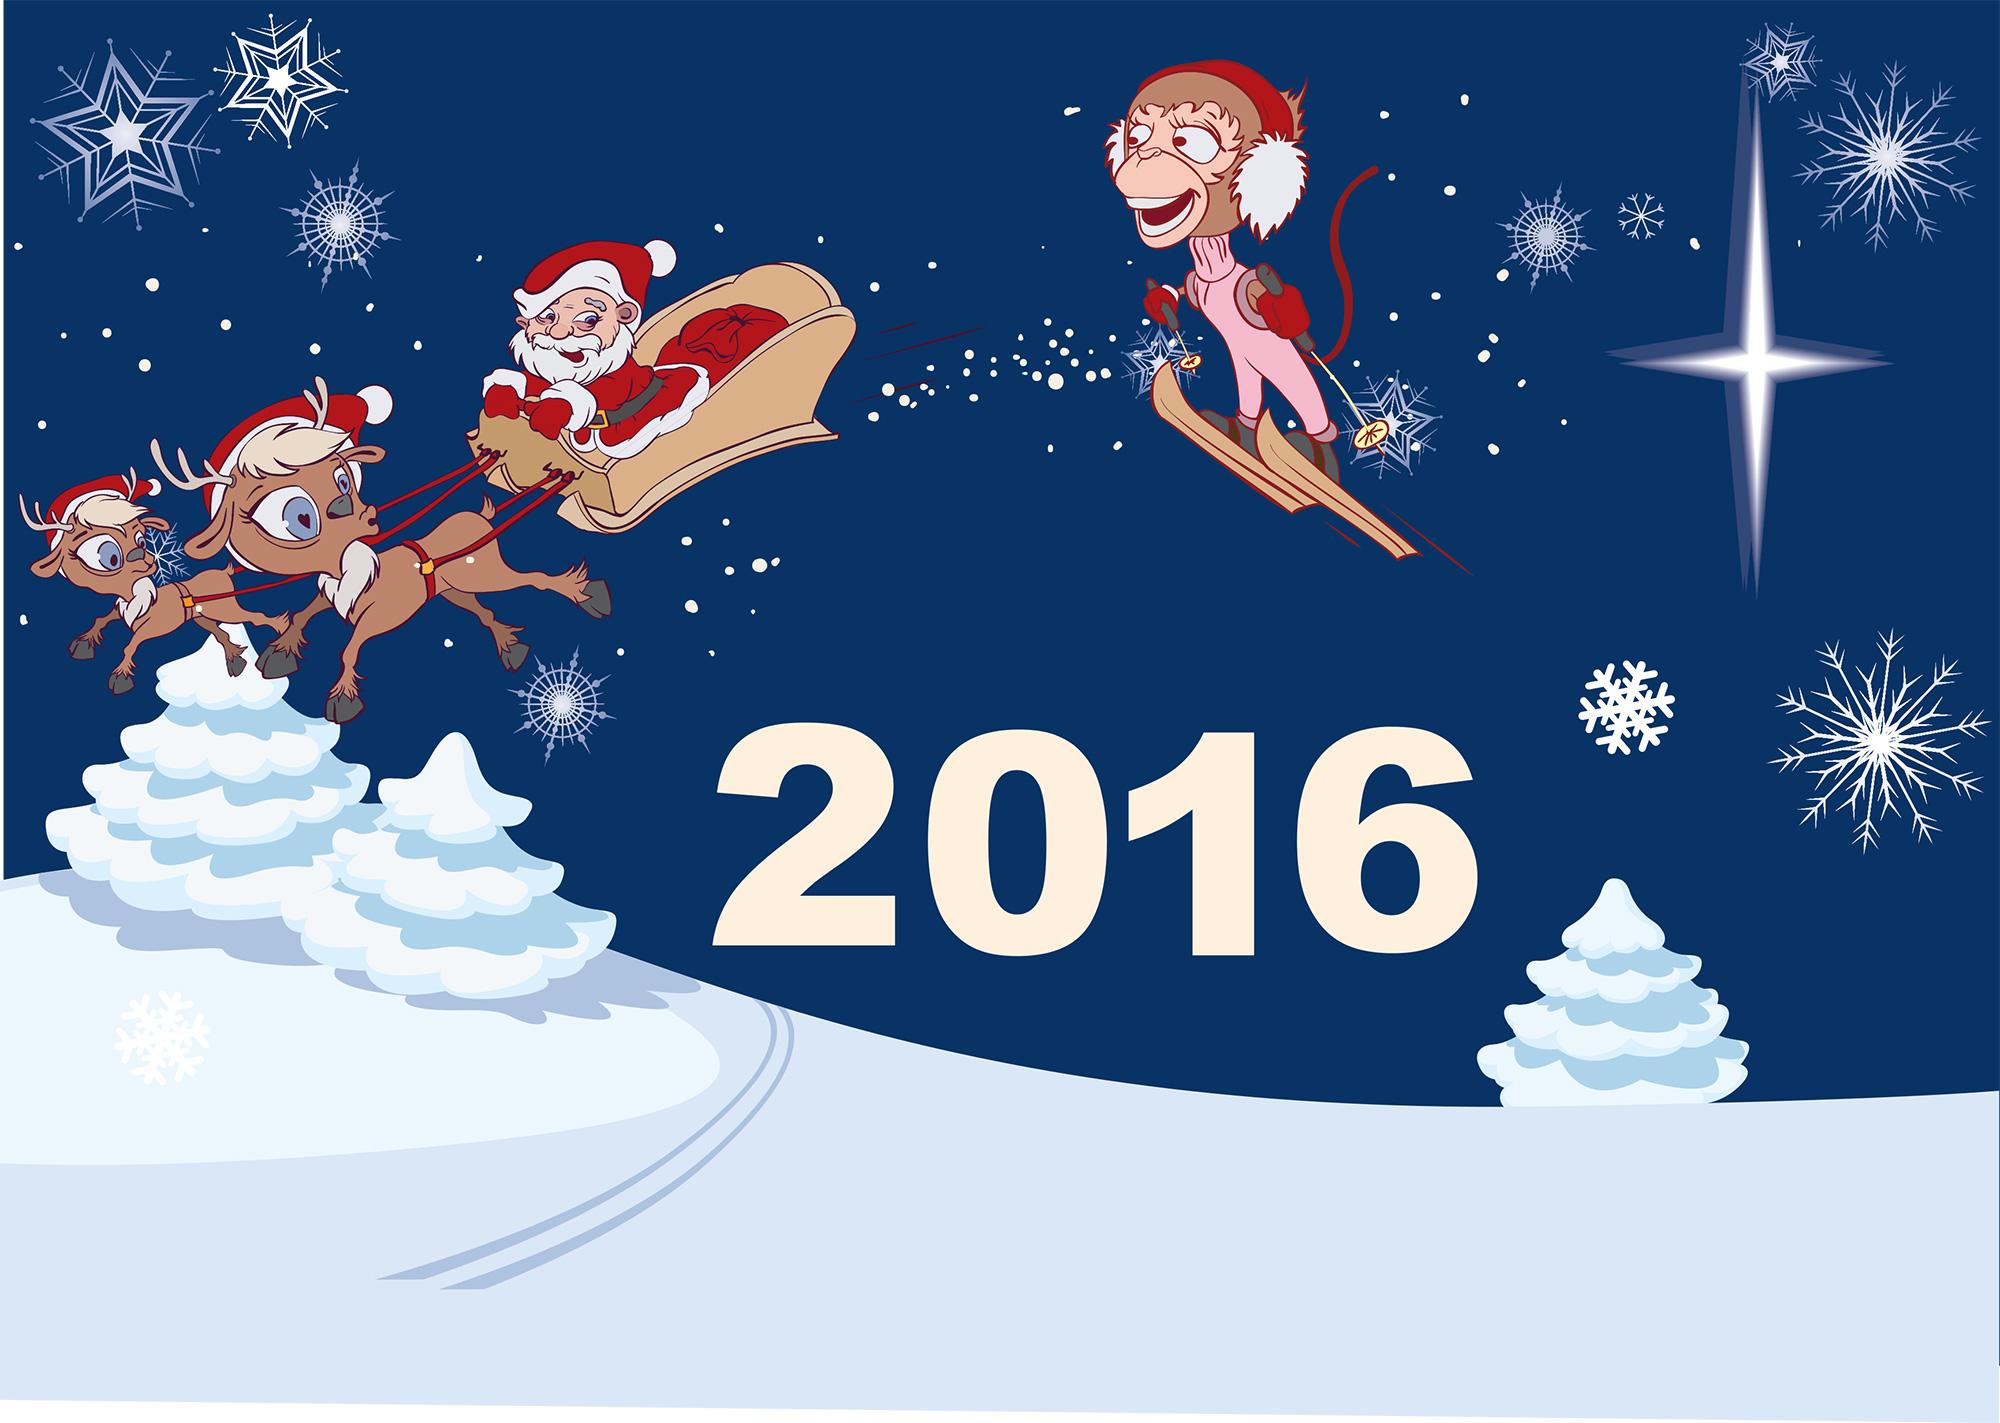 """Изображение для календаря или открытки 2016 """"Санта на санях и обезьяна"""""""